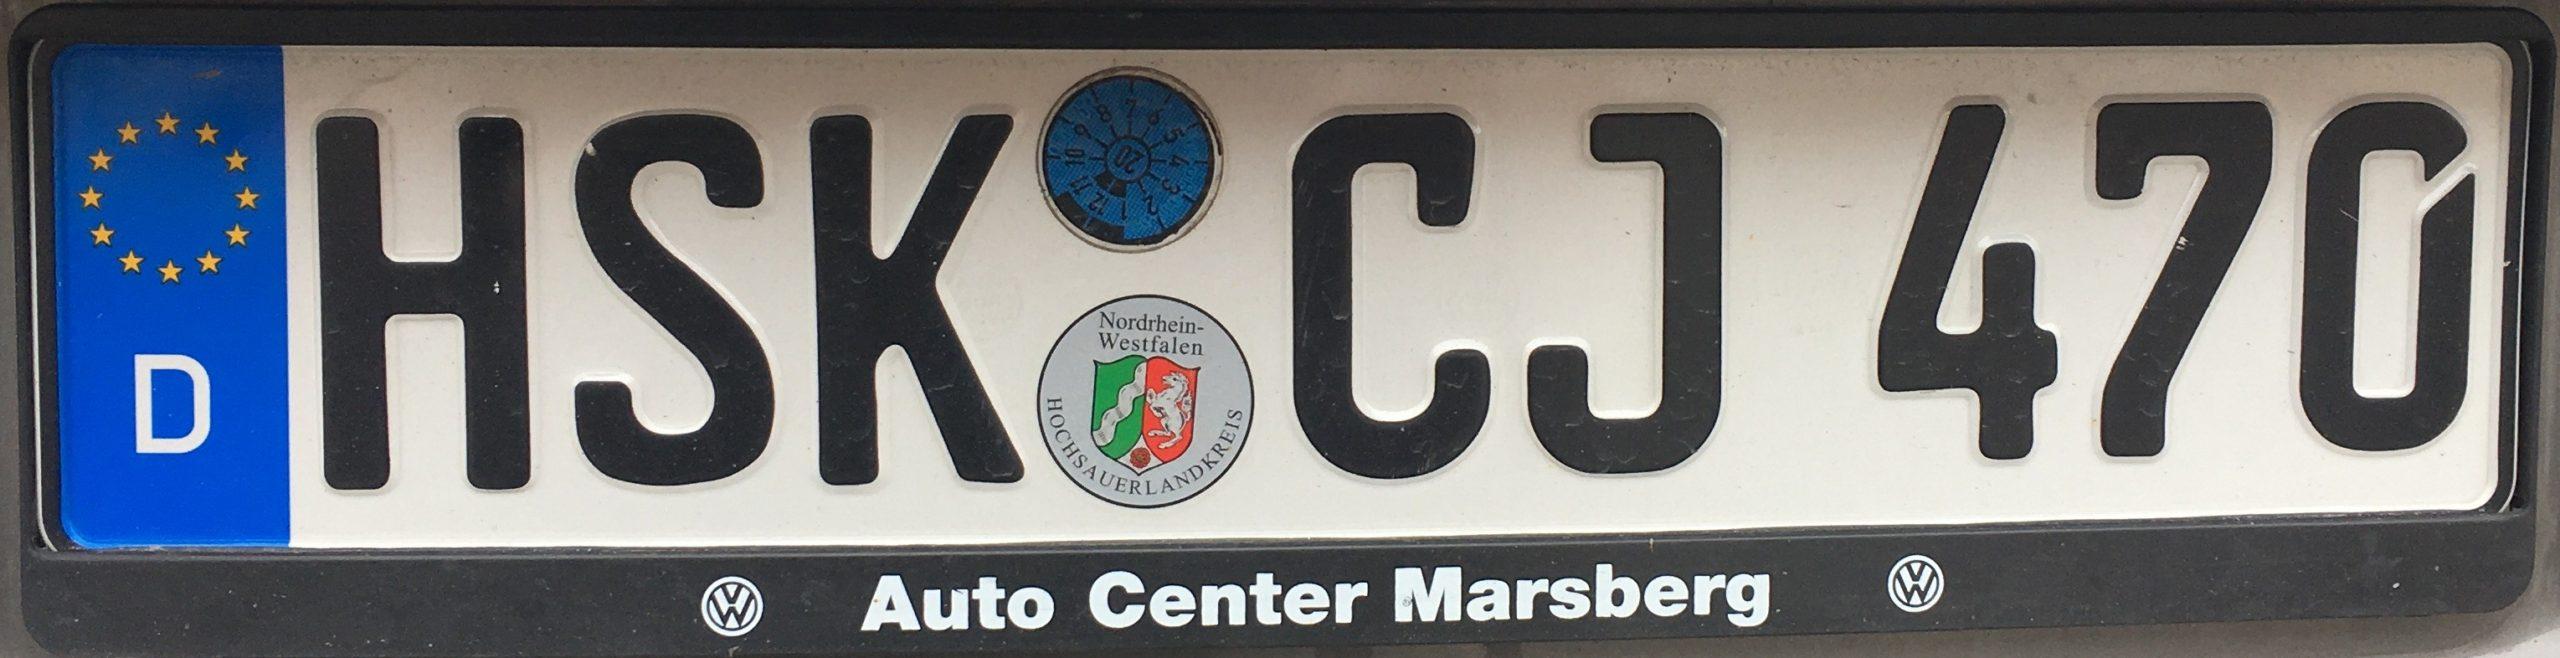 Registrační značky Německo - HSK - Hochsauerlandkreis, foto: www.podalnici.cz